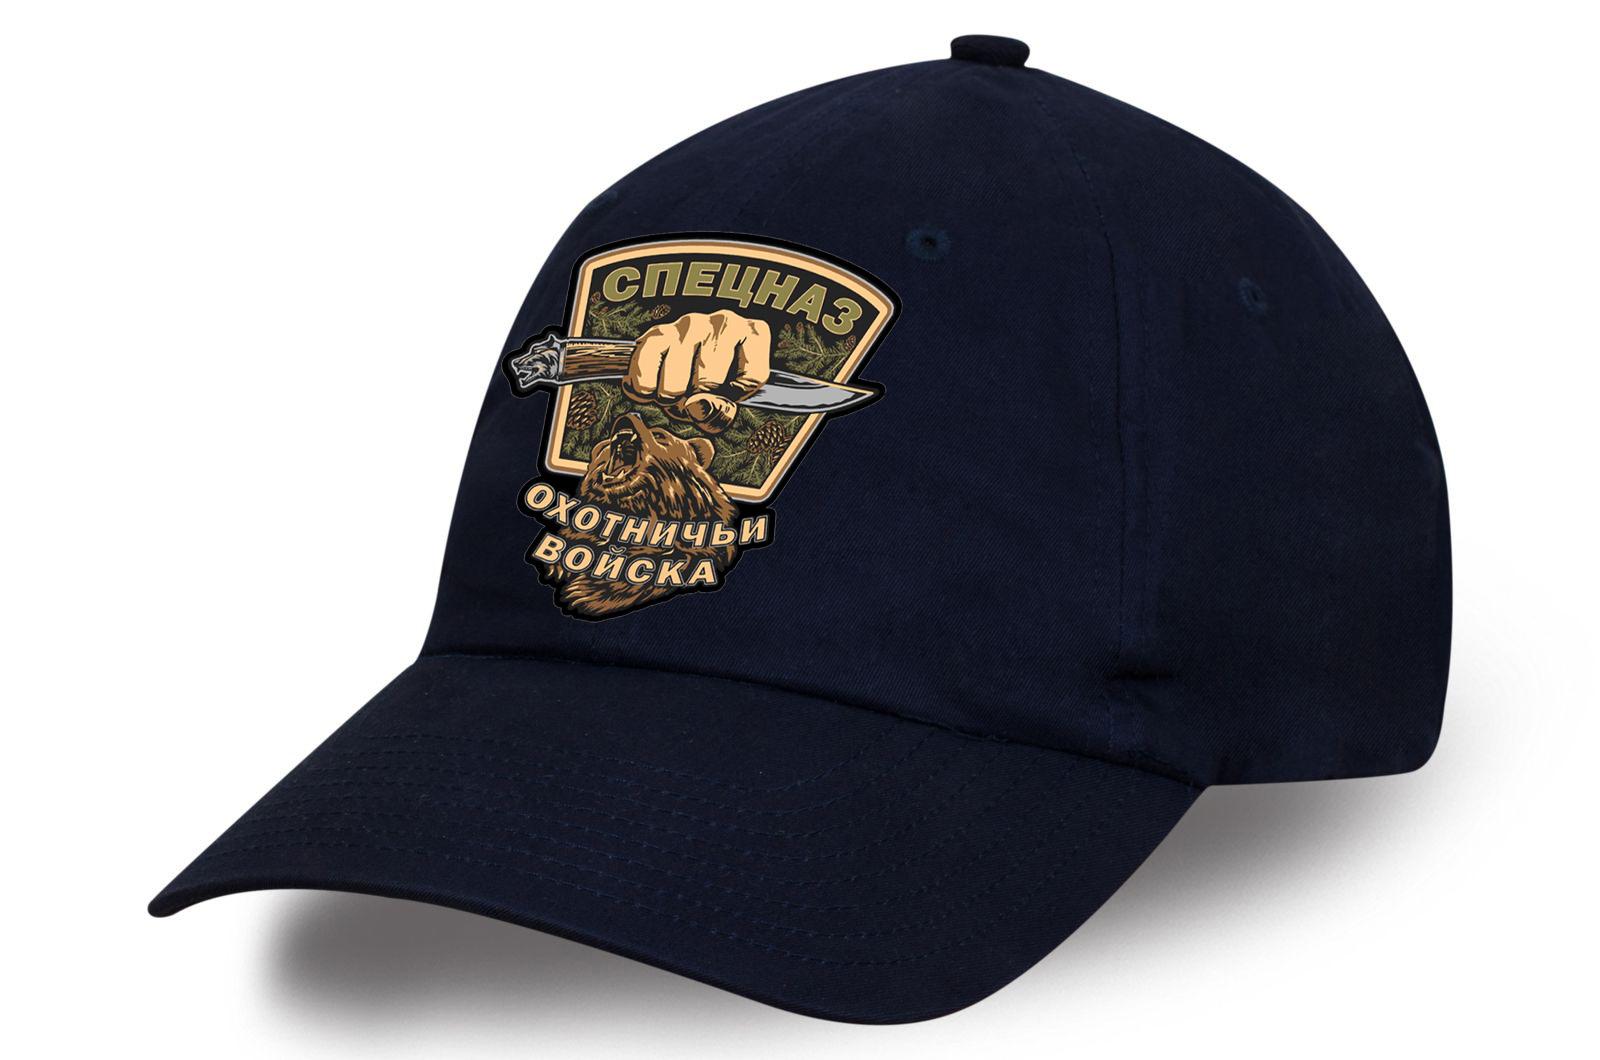 Темно-синяя кепка охотника - купить выгодно